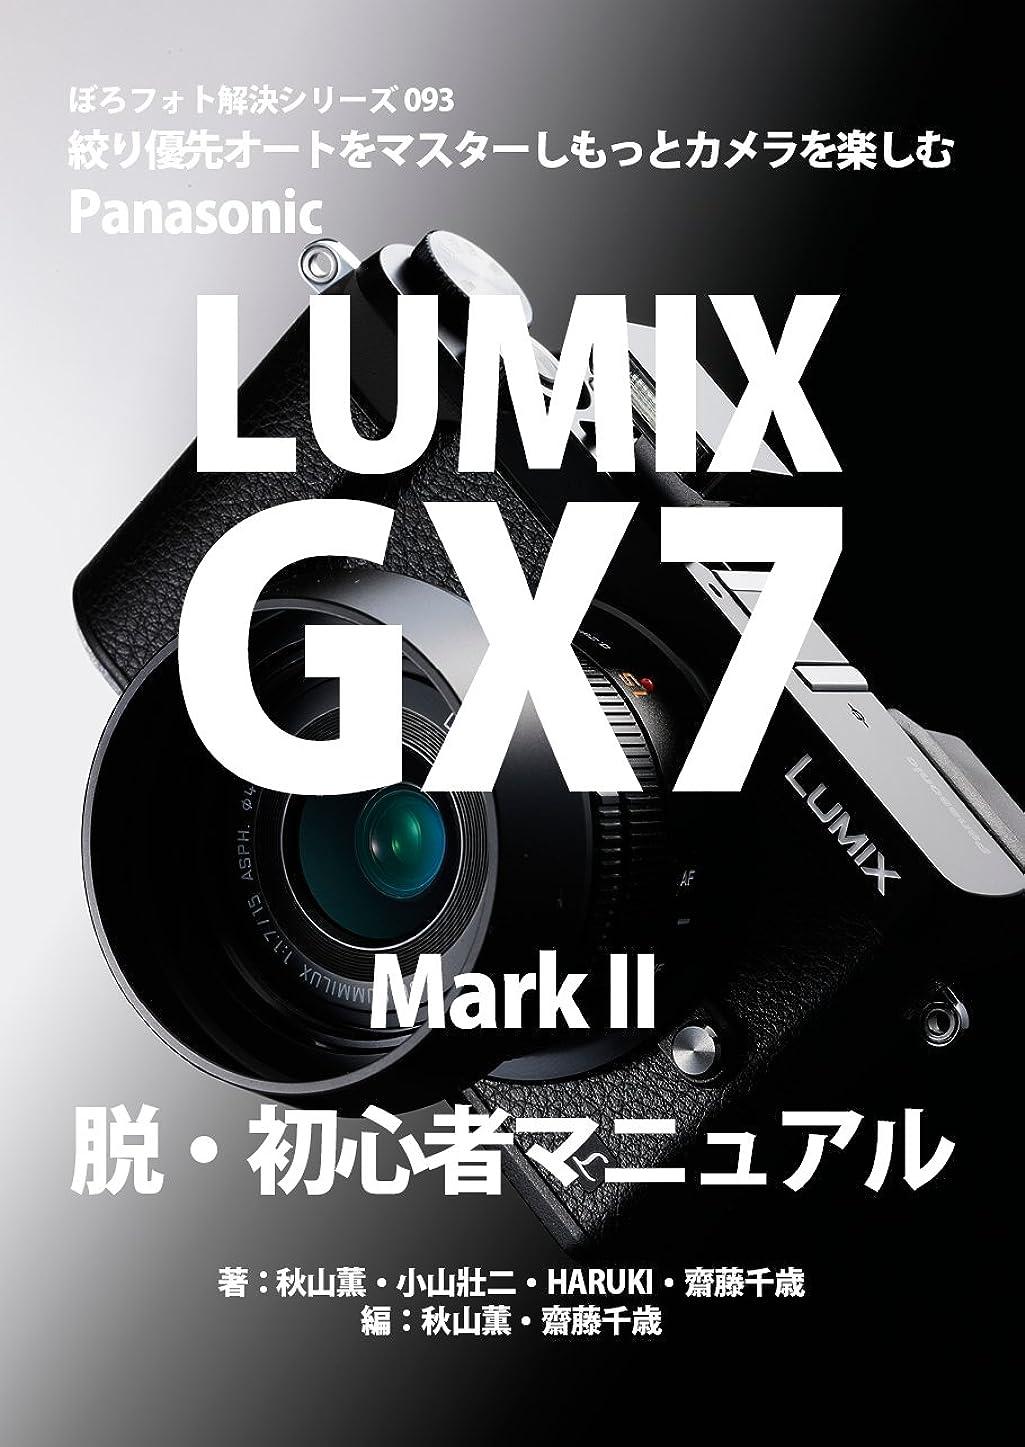 封建出席する入浴ぼろフォト解決シリーズ093 絞り優先でカメラはもっと楽しい Panasonic LUMIX GX7 Mark II 脱?初心者マニュアル